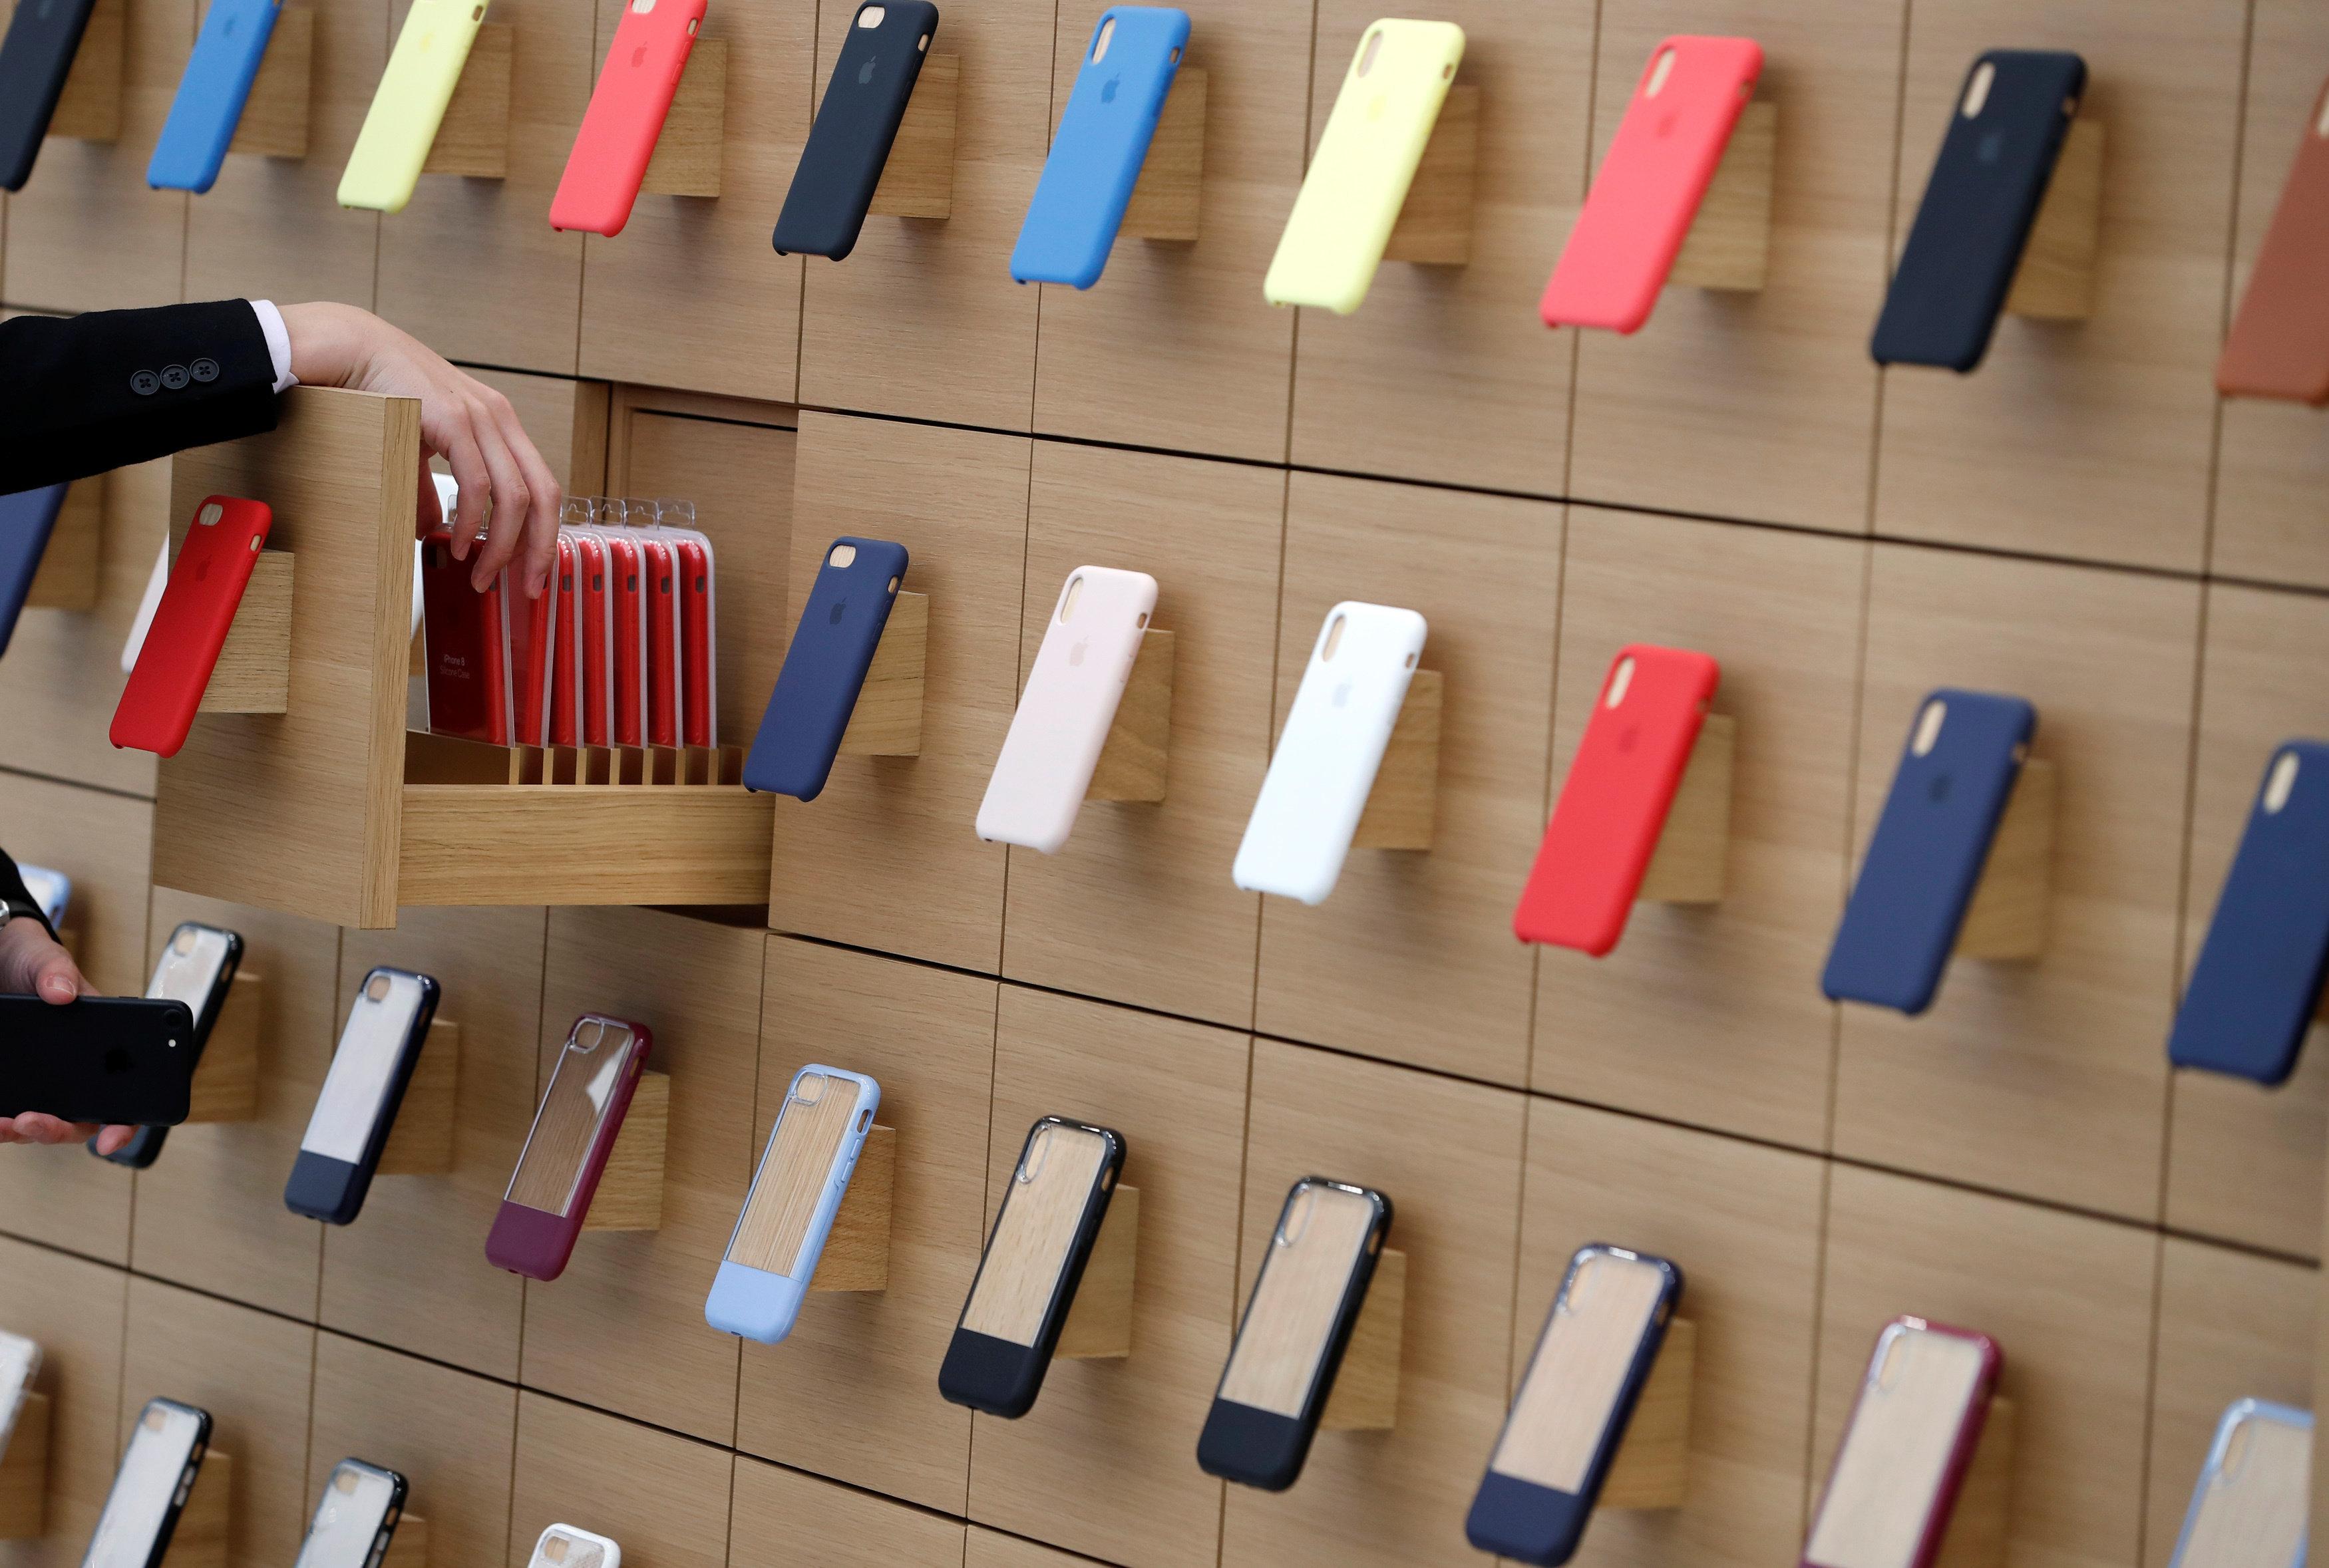 Έρχονται τα νέα iPhone και ιδού όσα γνωρίζουμε έως τώρα για τα χαρακτηριστικά τους